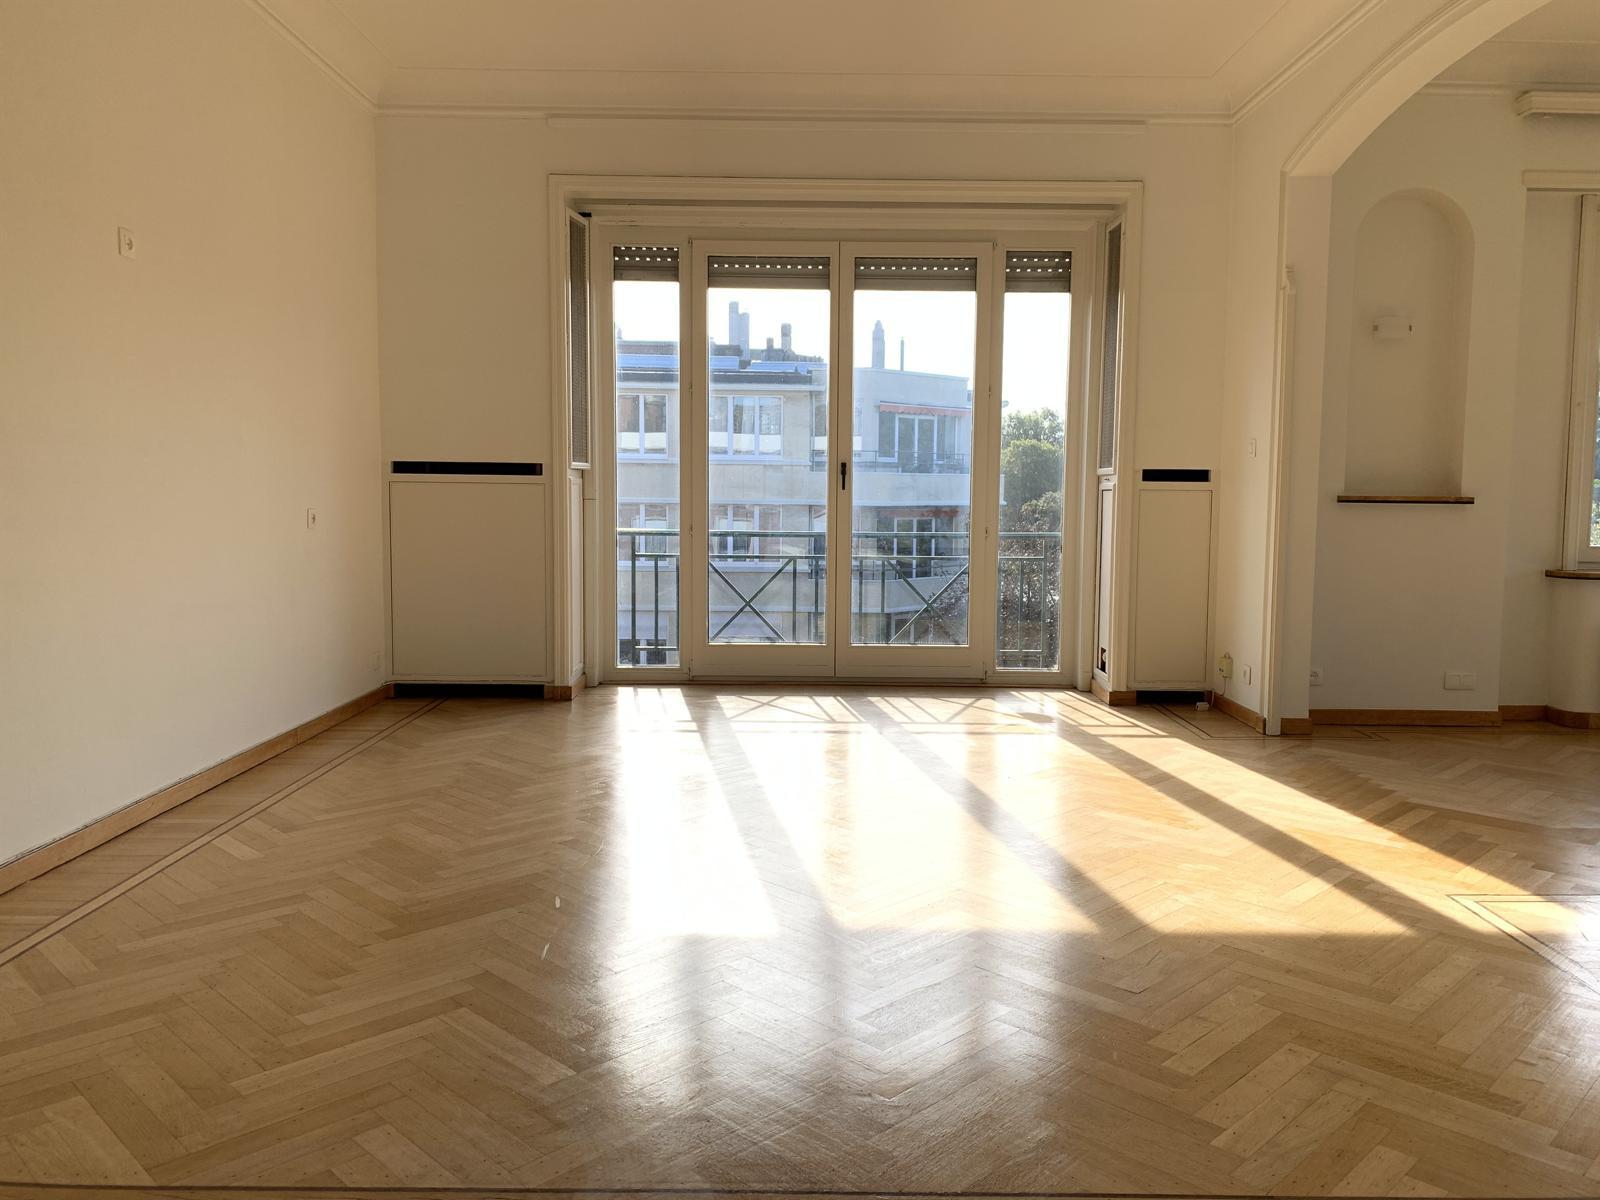 Flat - Bruxelles - #4527837-6